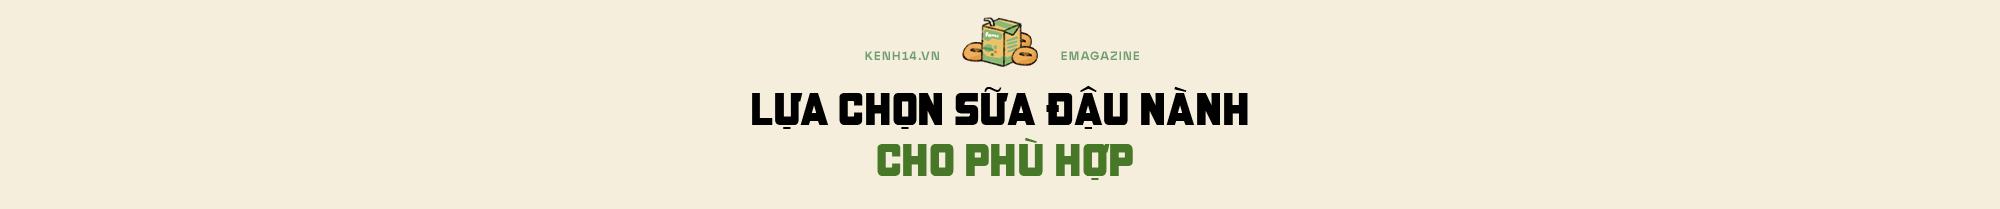 Hạt vàng đậu nành và những giá trị theo cùng sức khỏe người Việt - Ảnh 8.